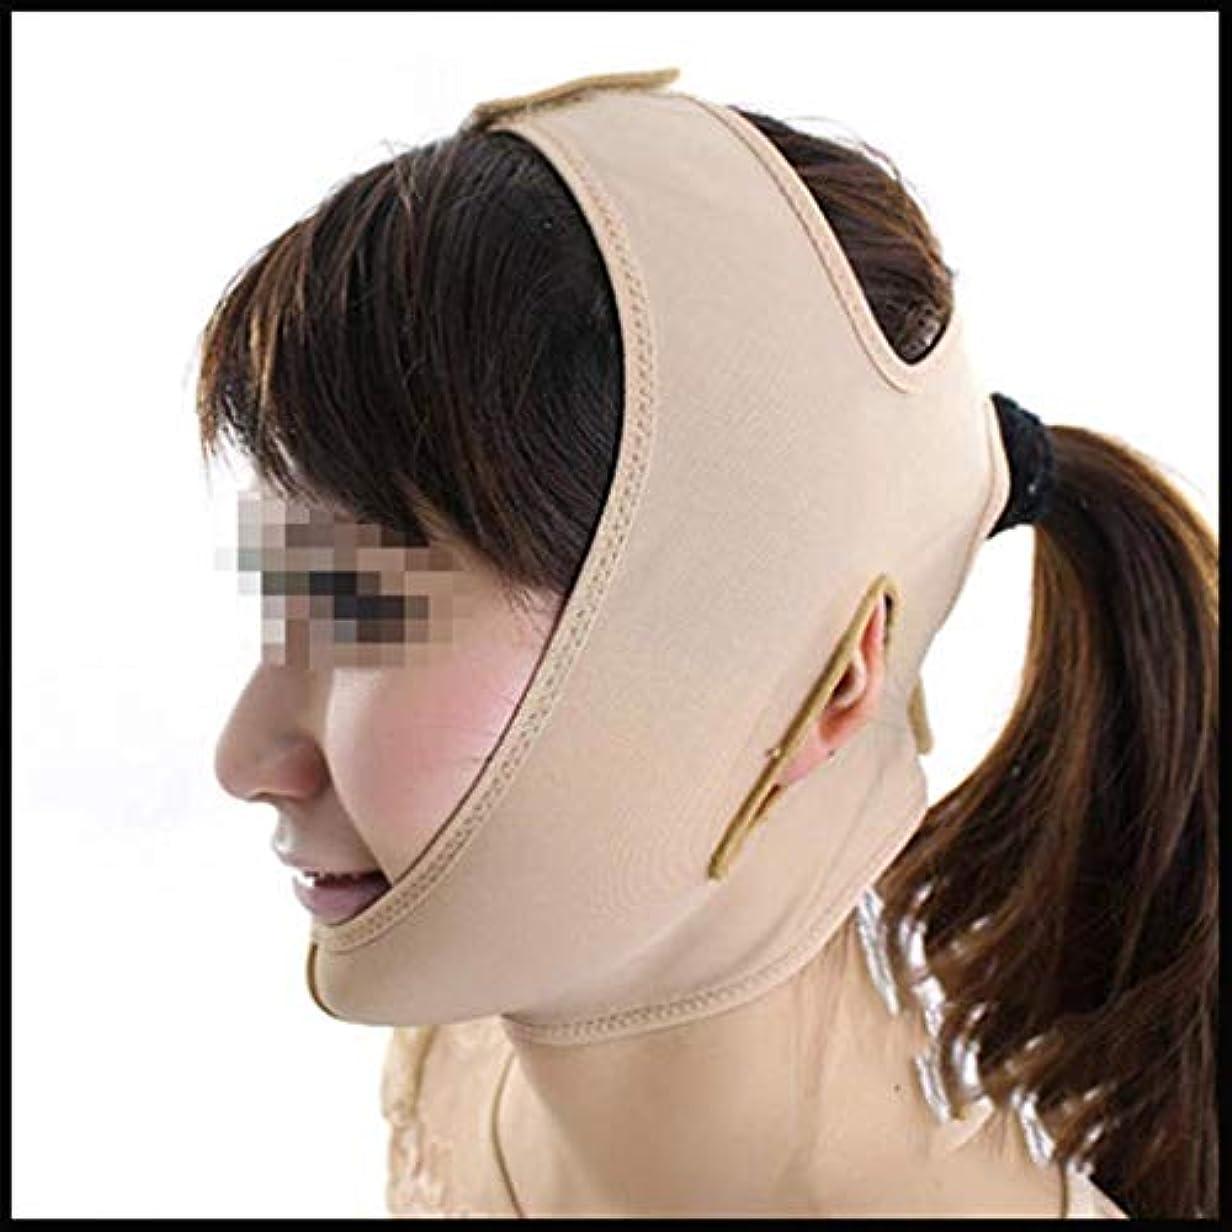 咳豆ランチ美容と実用的なフェイスリフティング包帯、薄いフェイスマスク薄いマッサージ筋マッスルスリープフェイスリフティングフェイス付きの薄いフェイスVフェイス薄いフェイスマスク(サイズ:S)